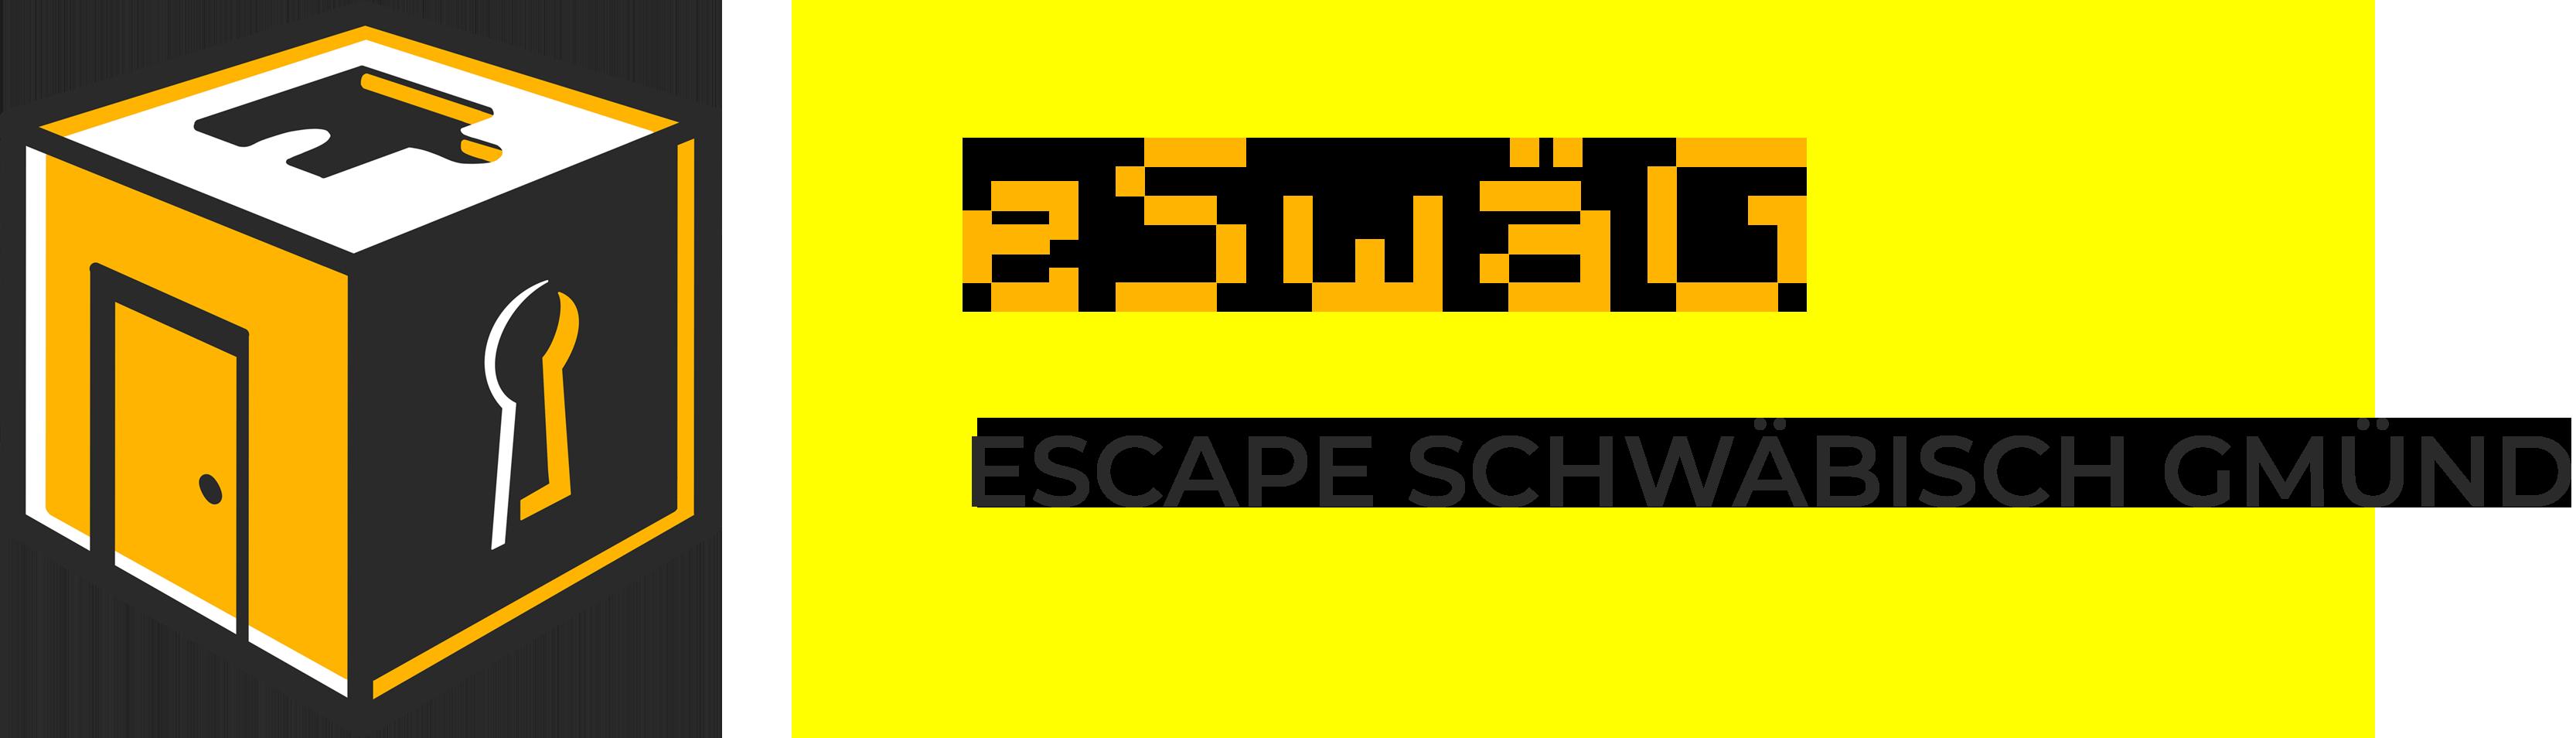 eSwäG